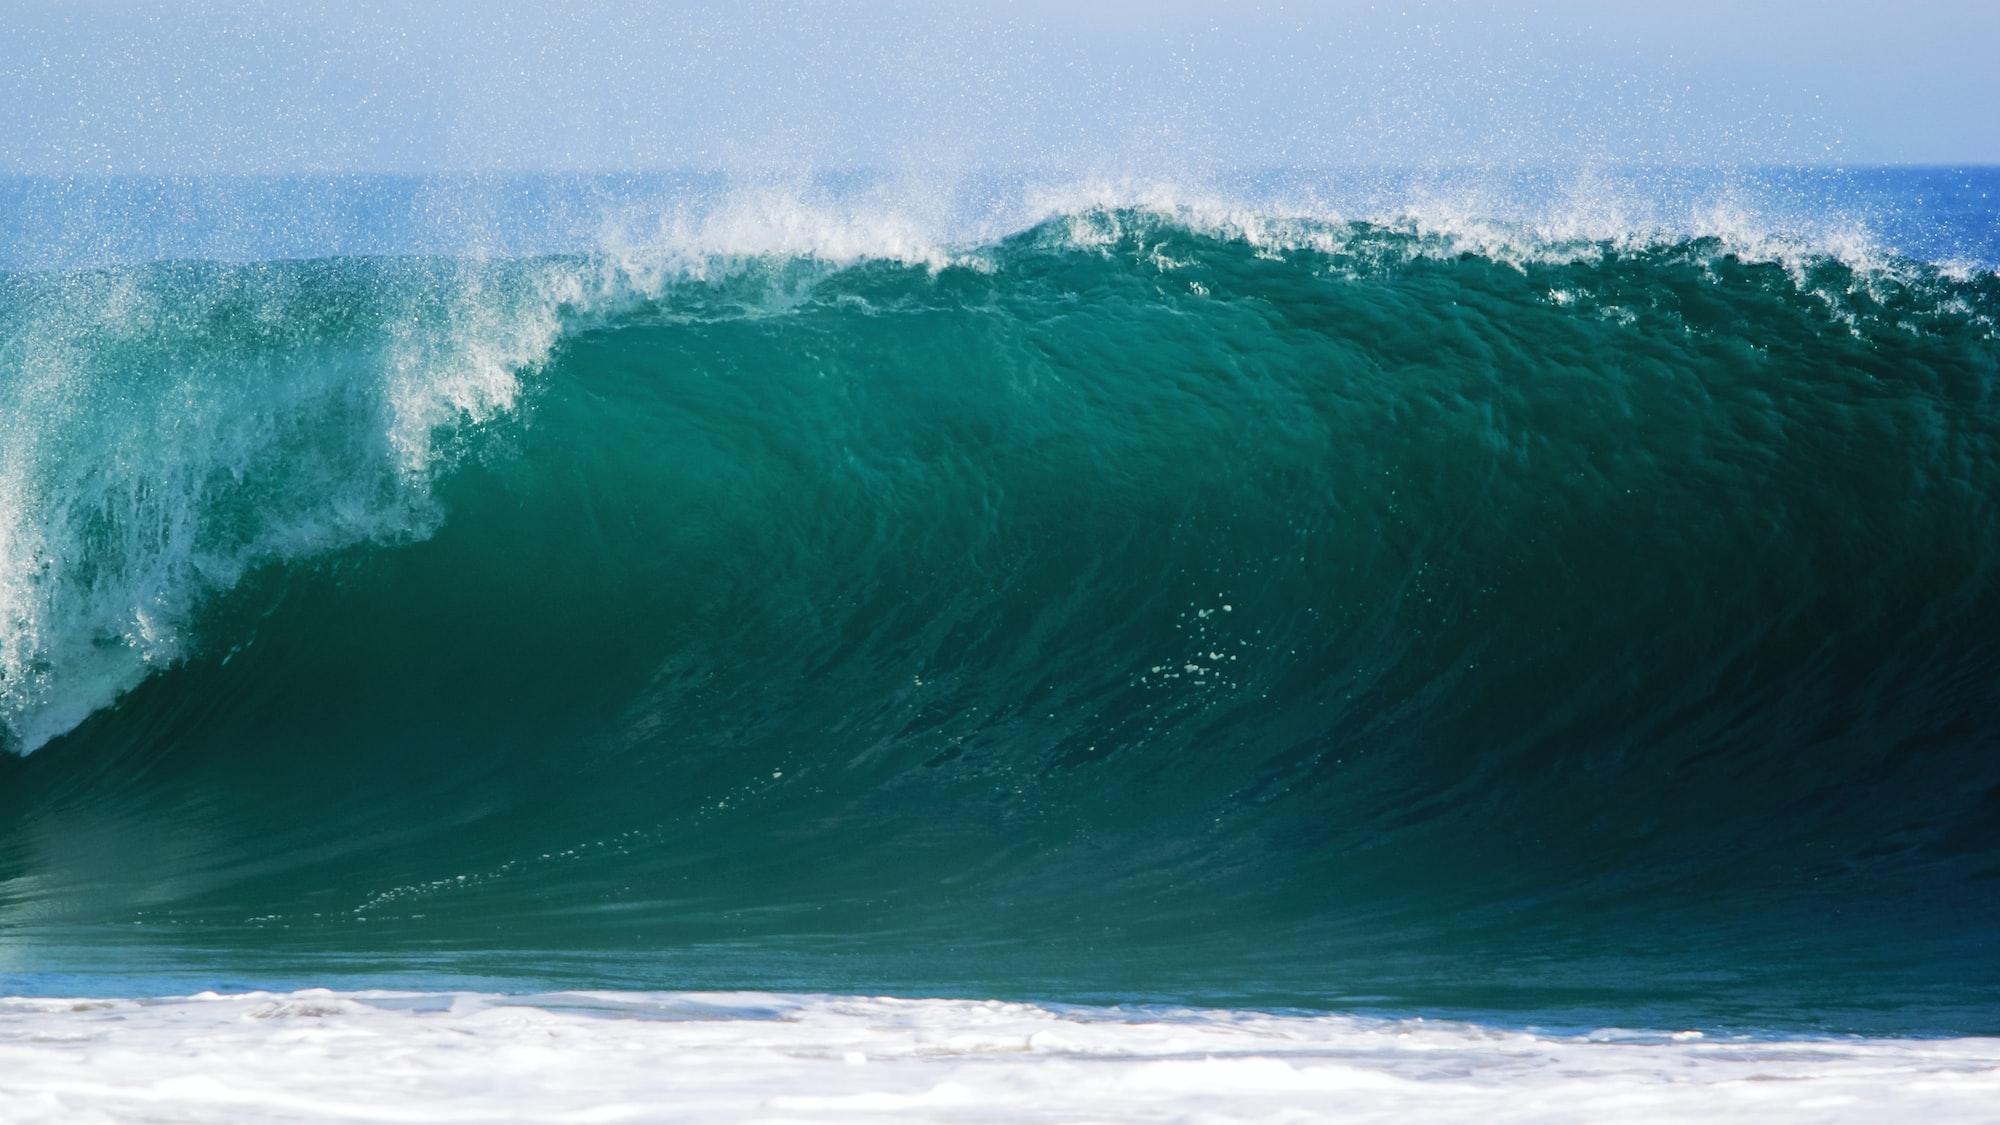 Huge rolling wave